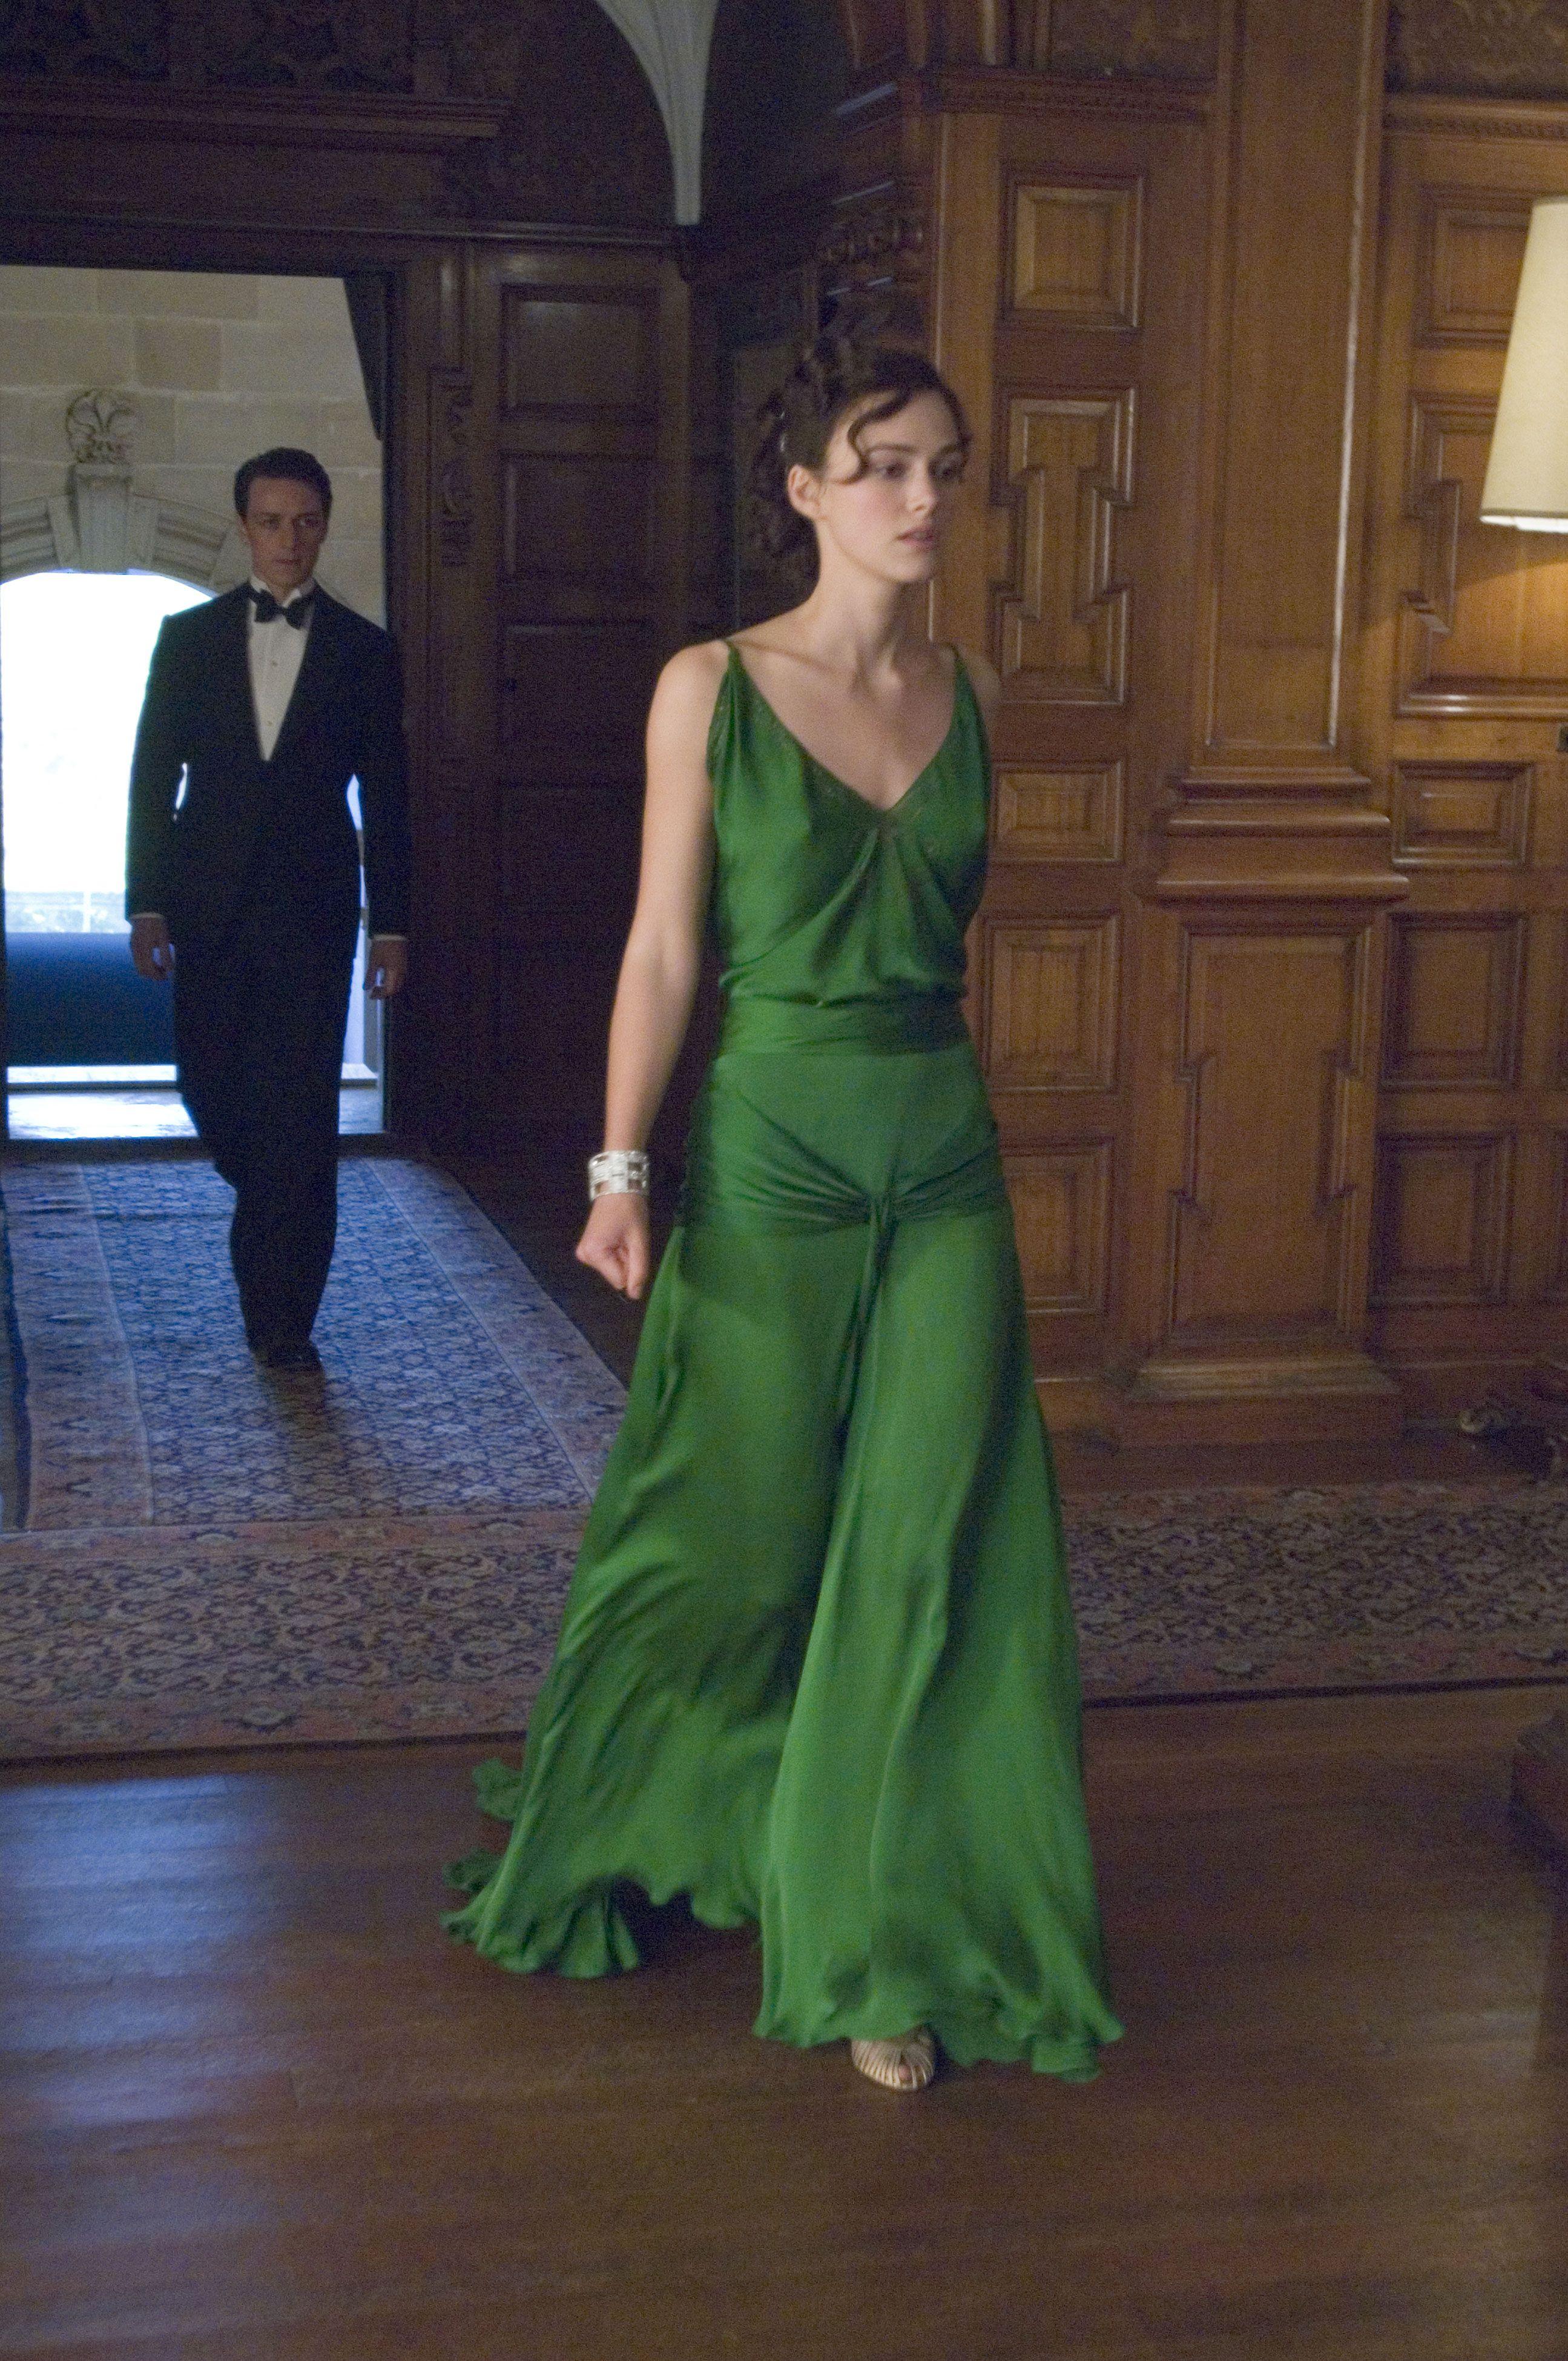 Keira Knightley đầm bias-cut xanh rêu trong bộ phim điện ảnh Atonement